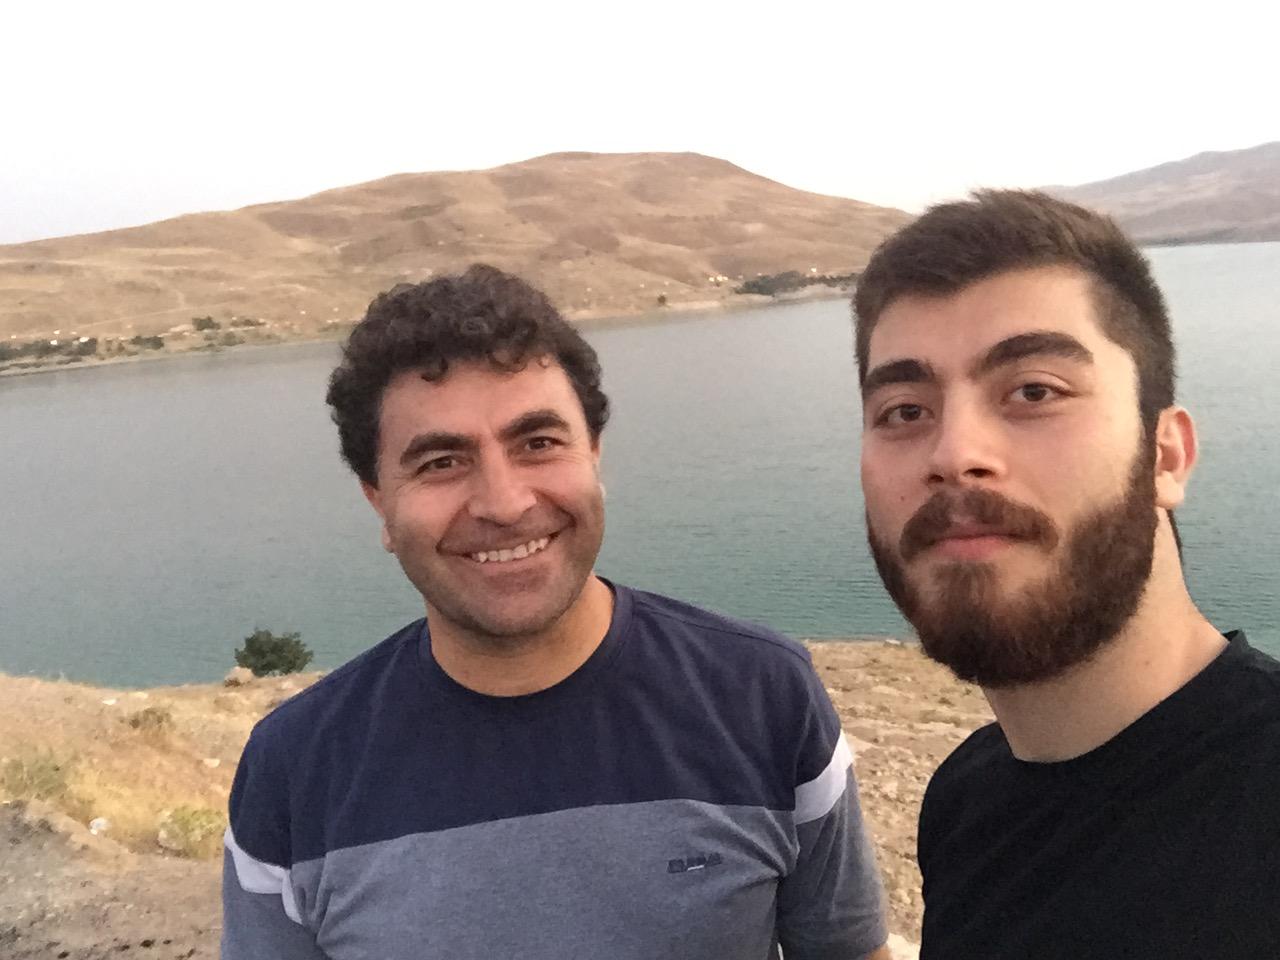 Sanyar and father Ahmad